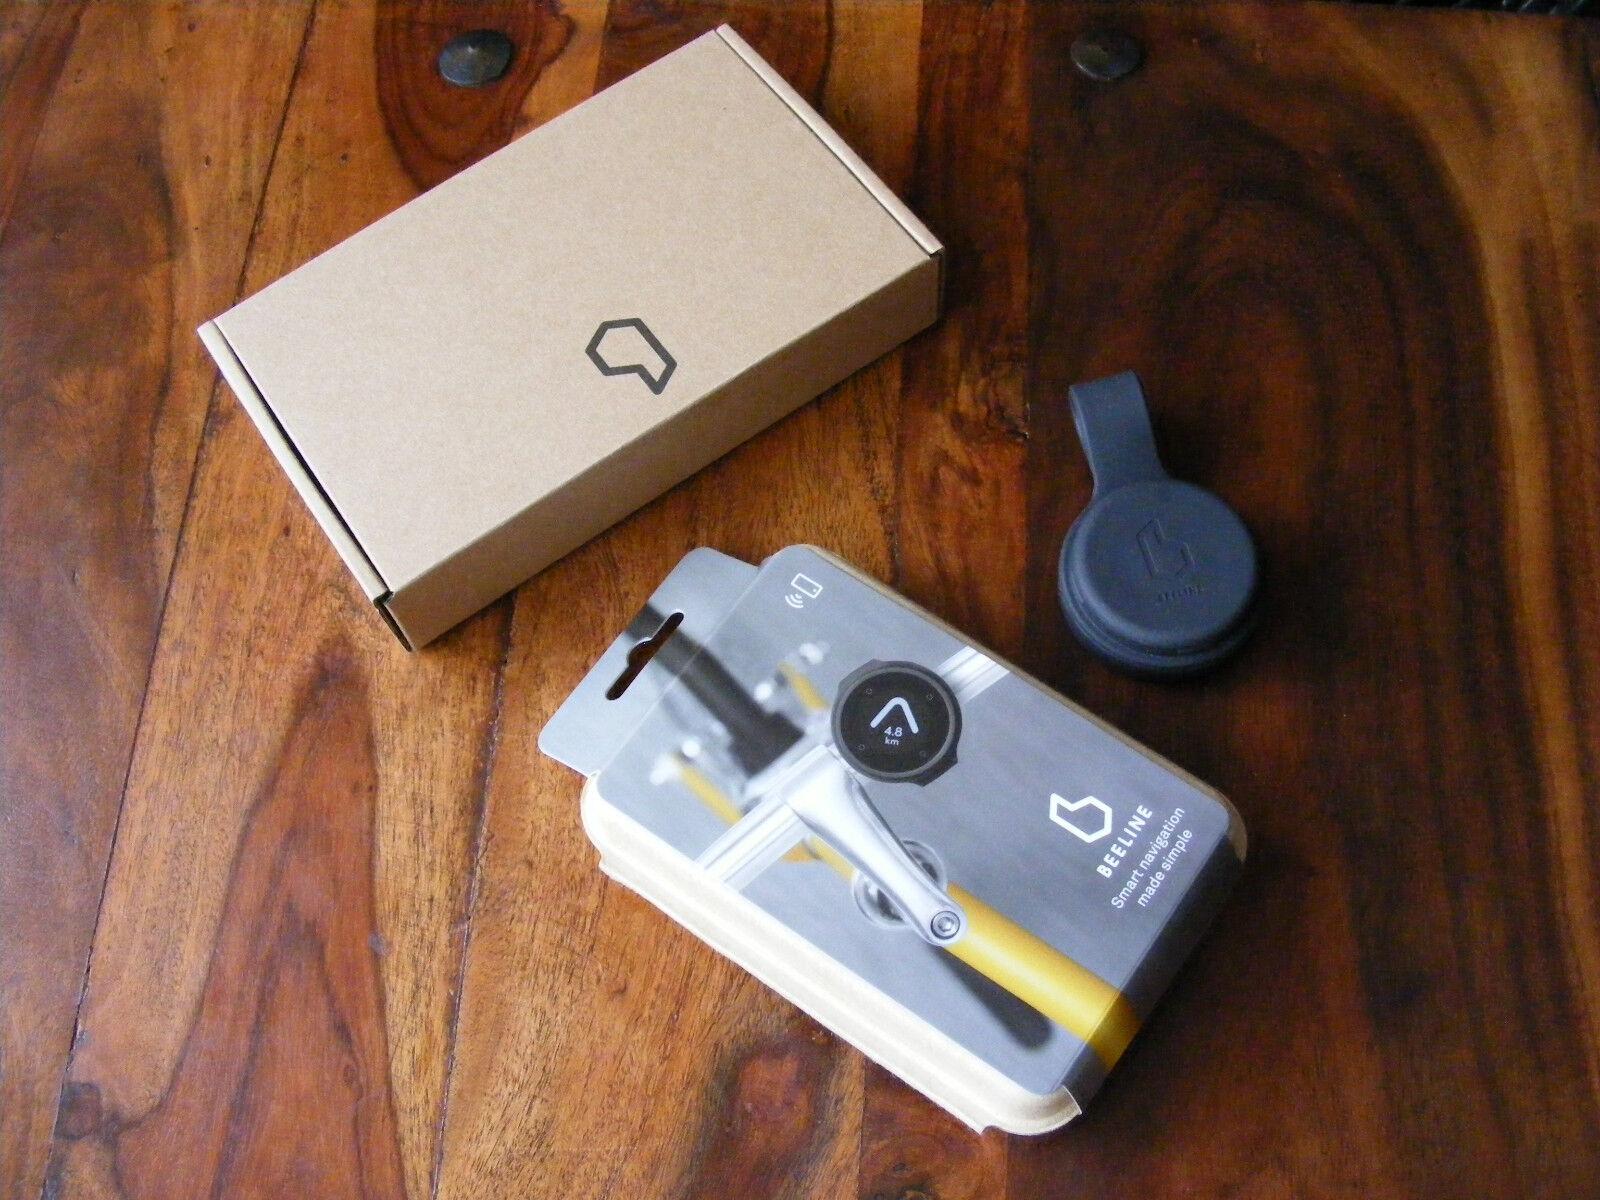 Nuevo En Caja gris Línea Recta GPS navegación inteligente GPS bici bicicleta ciclo Brújula